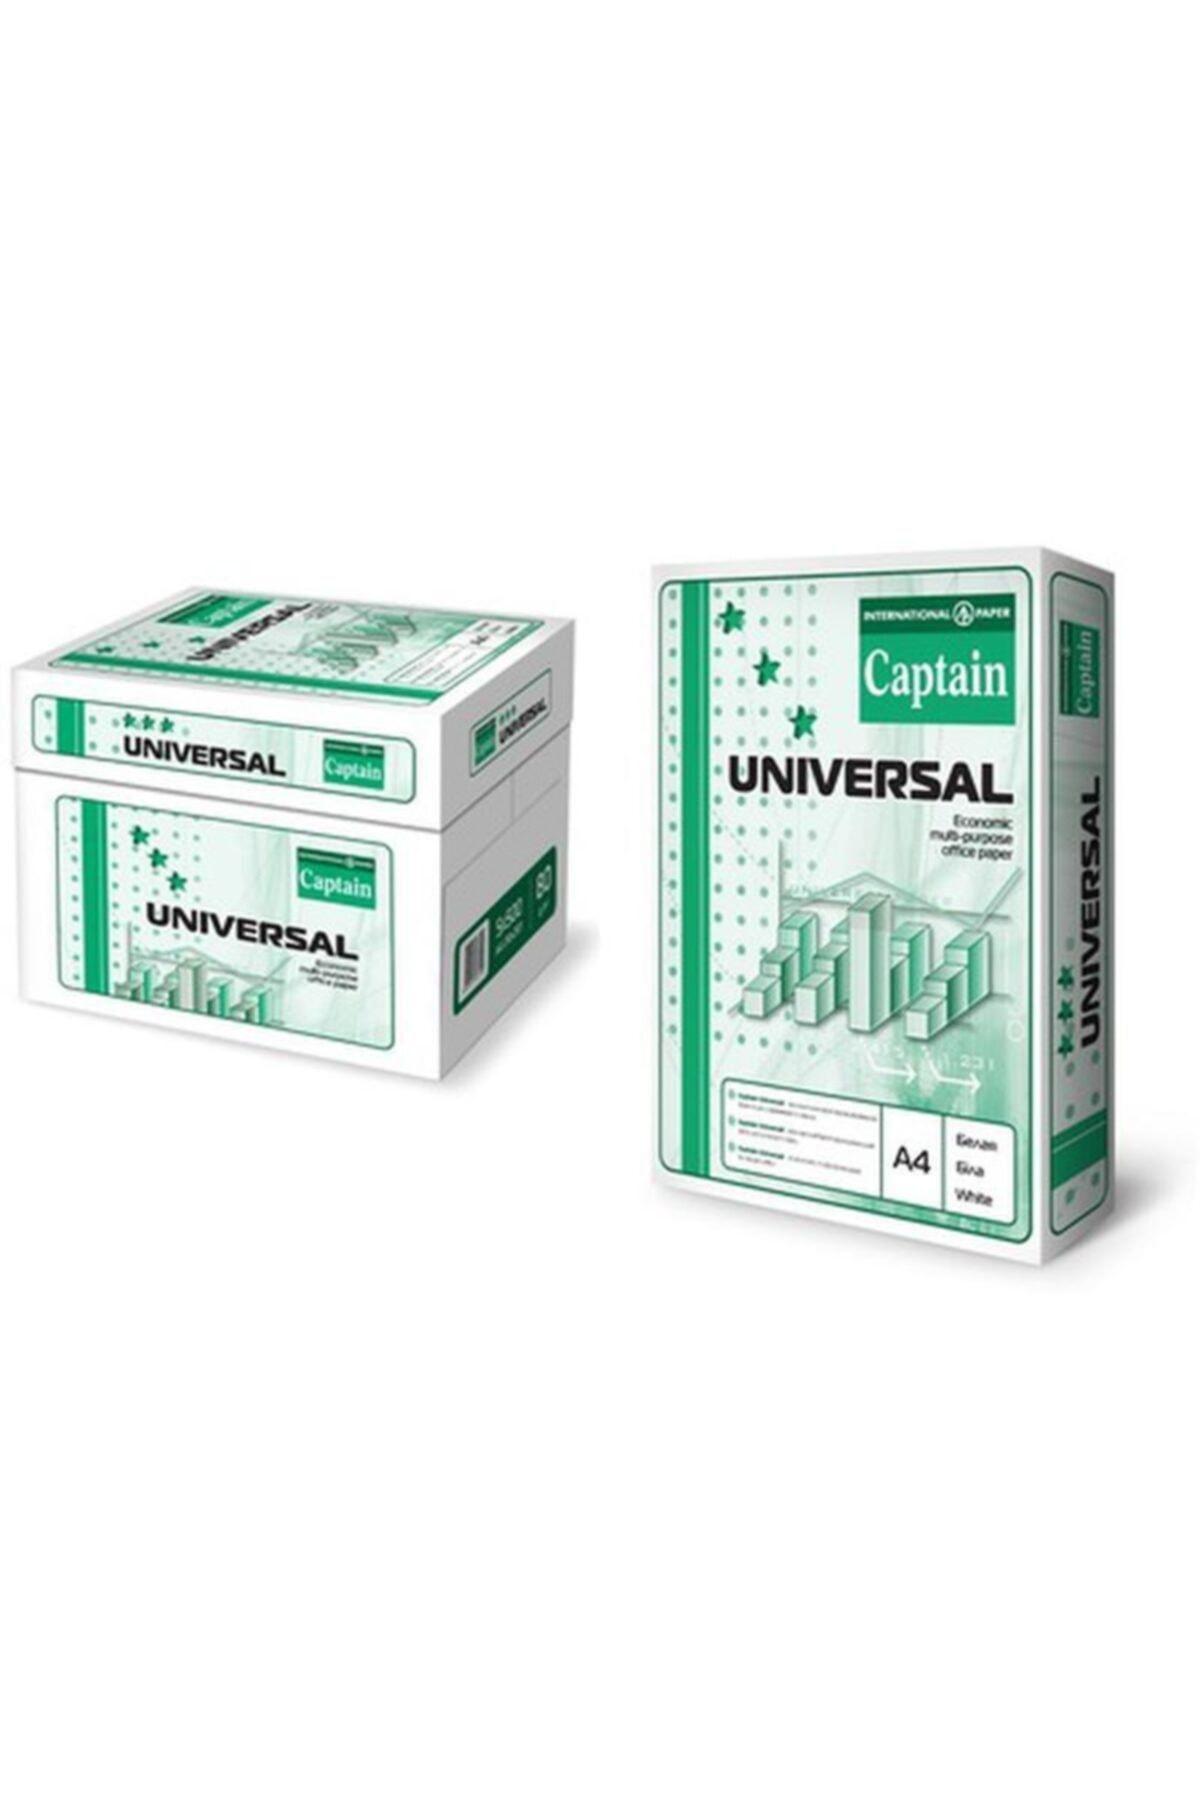 Universal Captain A4 Fotokopi Kağıdı 80gr 1 Koli(5 Paket-2500syf) 1